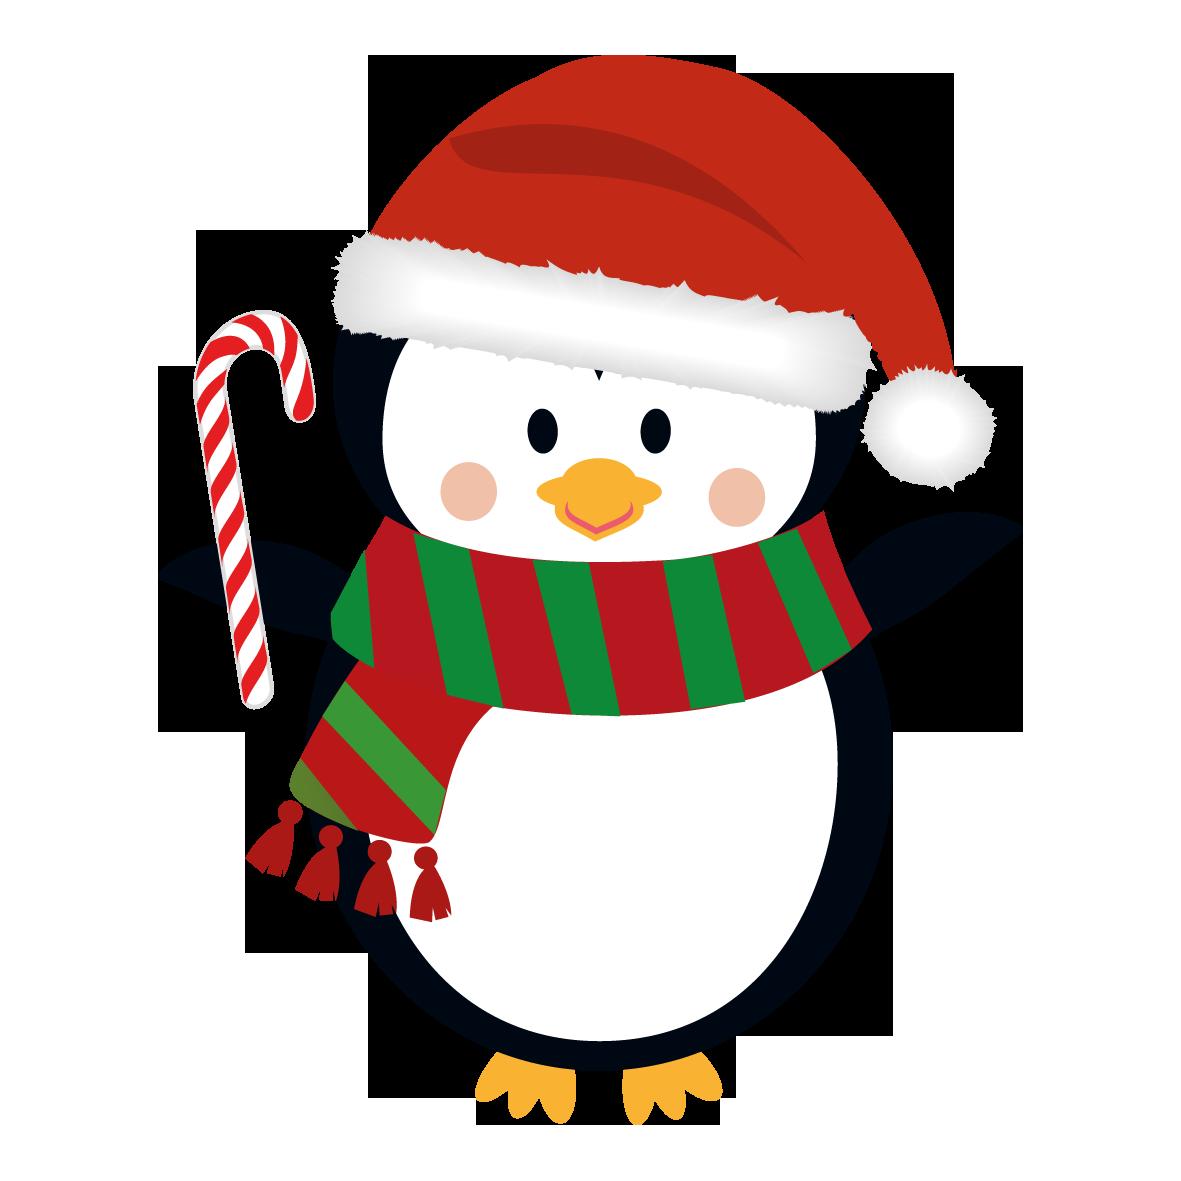 Christmas penguin images clipart transparent download 27+ Christmas Penguin Clipart | ClipartLook transparent download